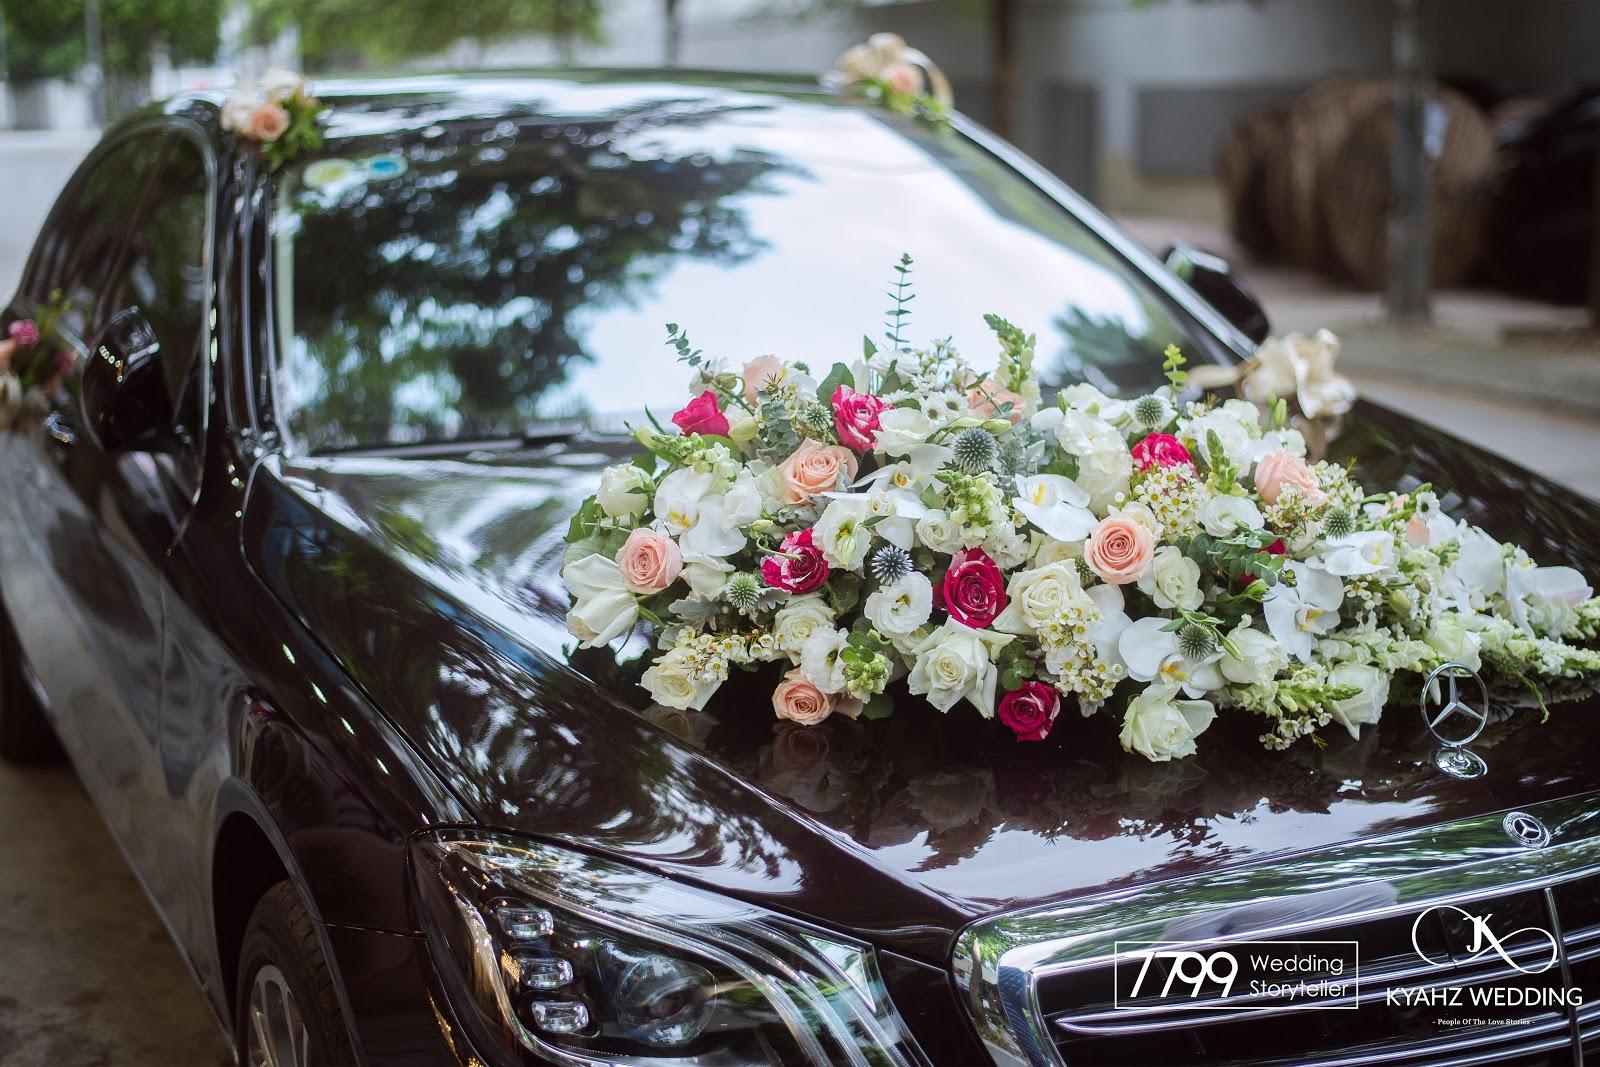 Trang trí đám cưới tại Gara